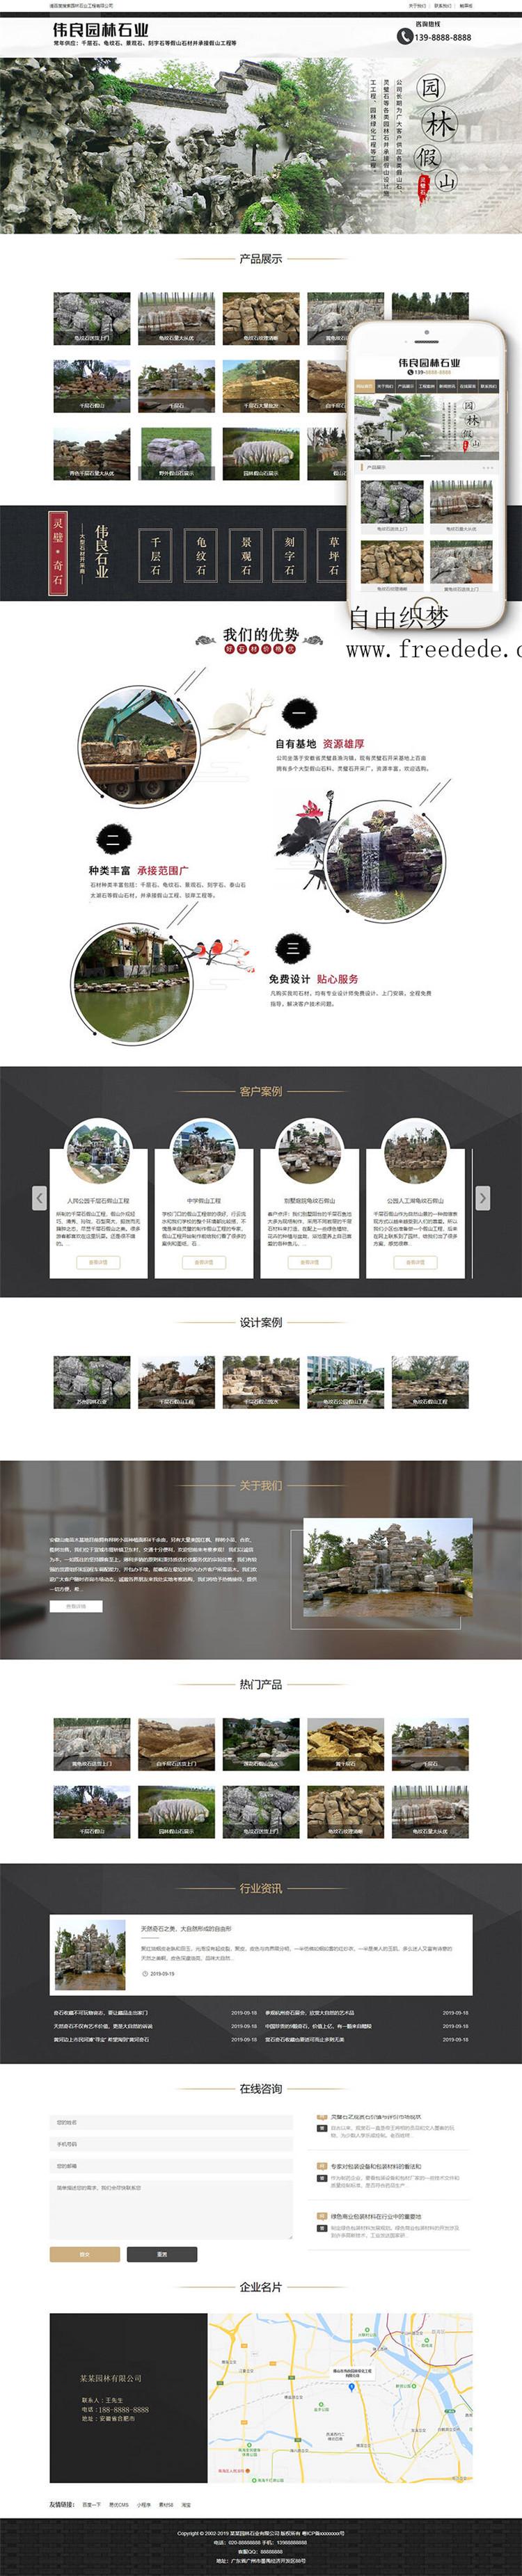 爱上源码网文章dedecms模板下载 园林石业装饰工程类网站织梦模板(带手机端)的内容插图